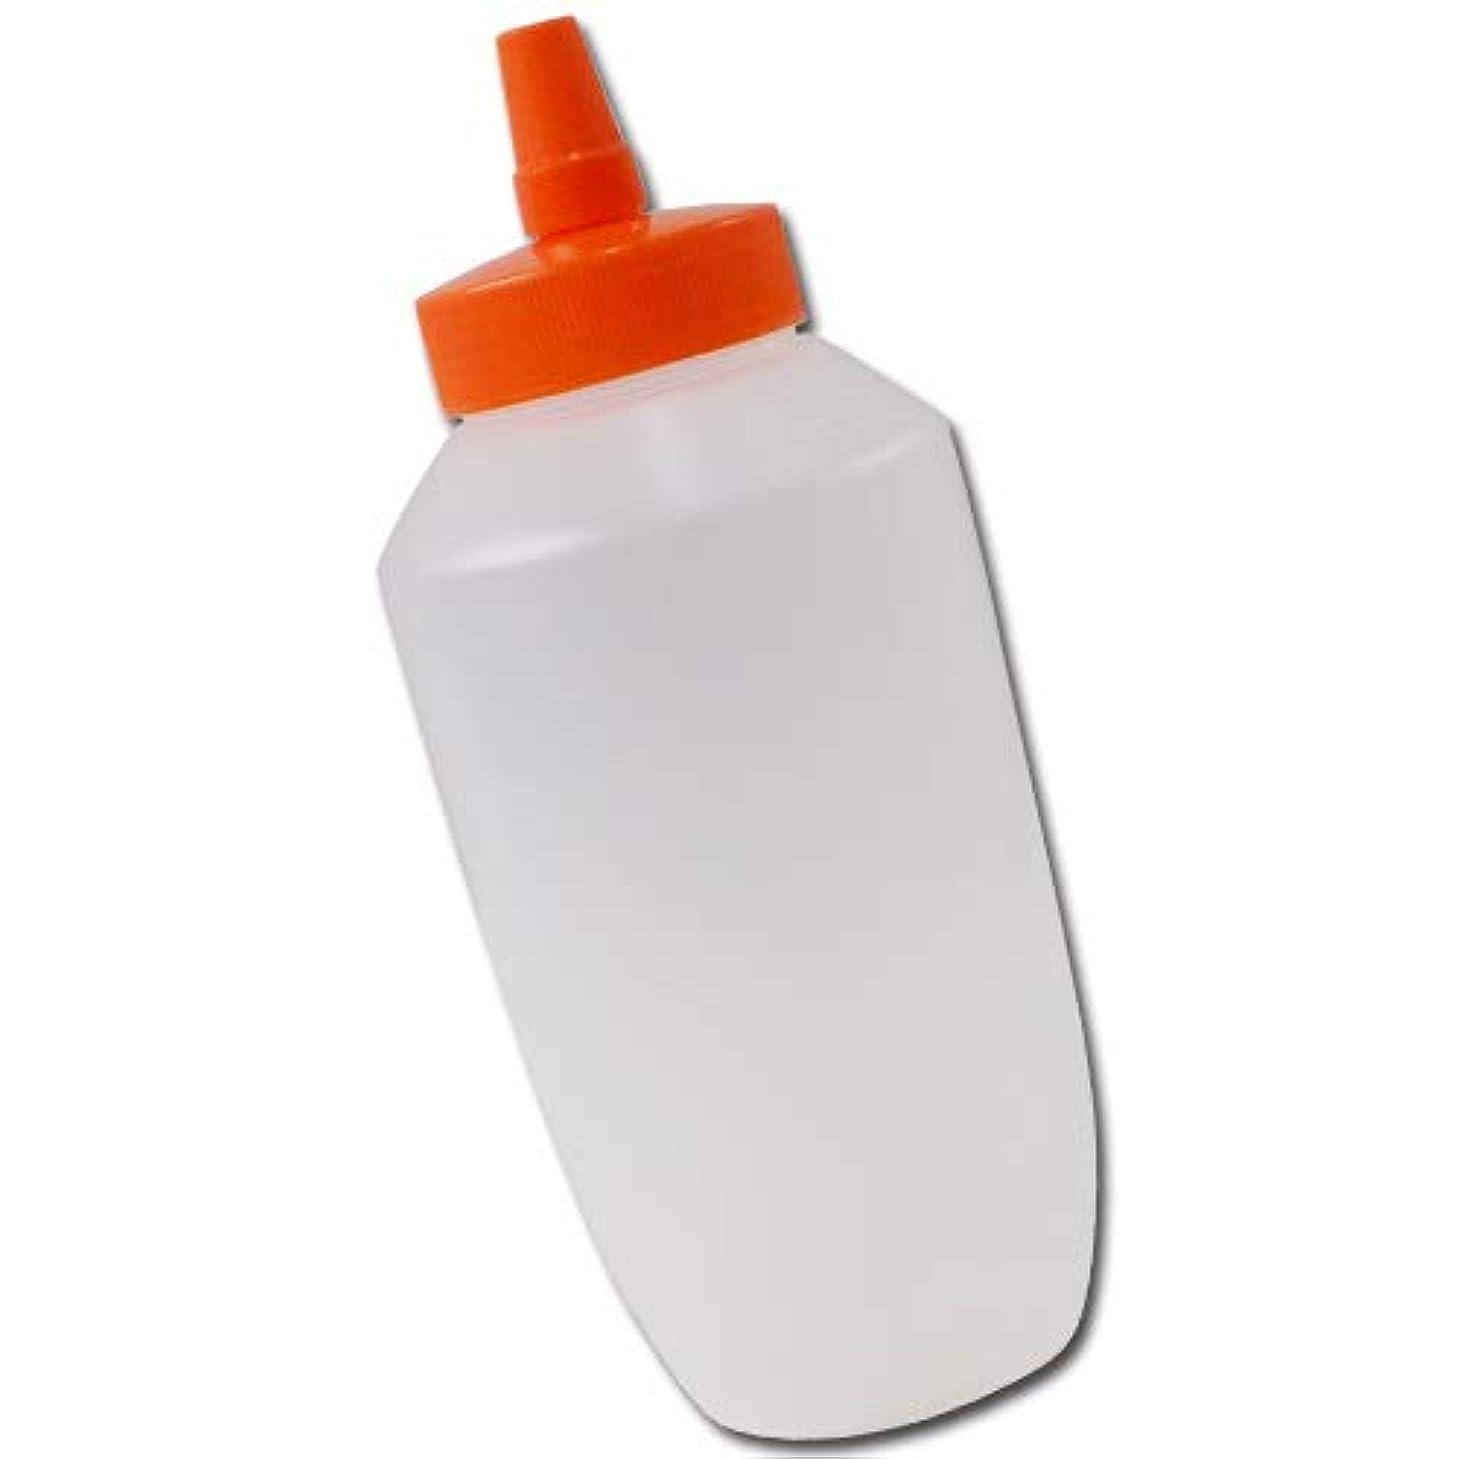 ハウジング弁護士ポイントはちみつ容器740mll(オレンジキャップ)│業務用ローションや調味料の小分けに詰め替え用ハチミツ容器(蜂蜜容器)はちみつボトルビッグな特大サイズ